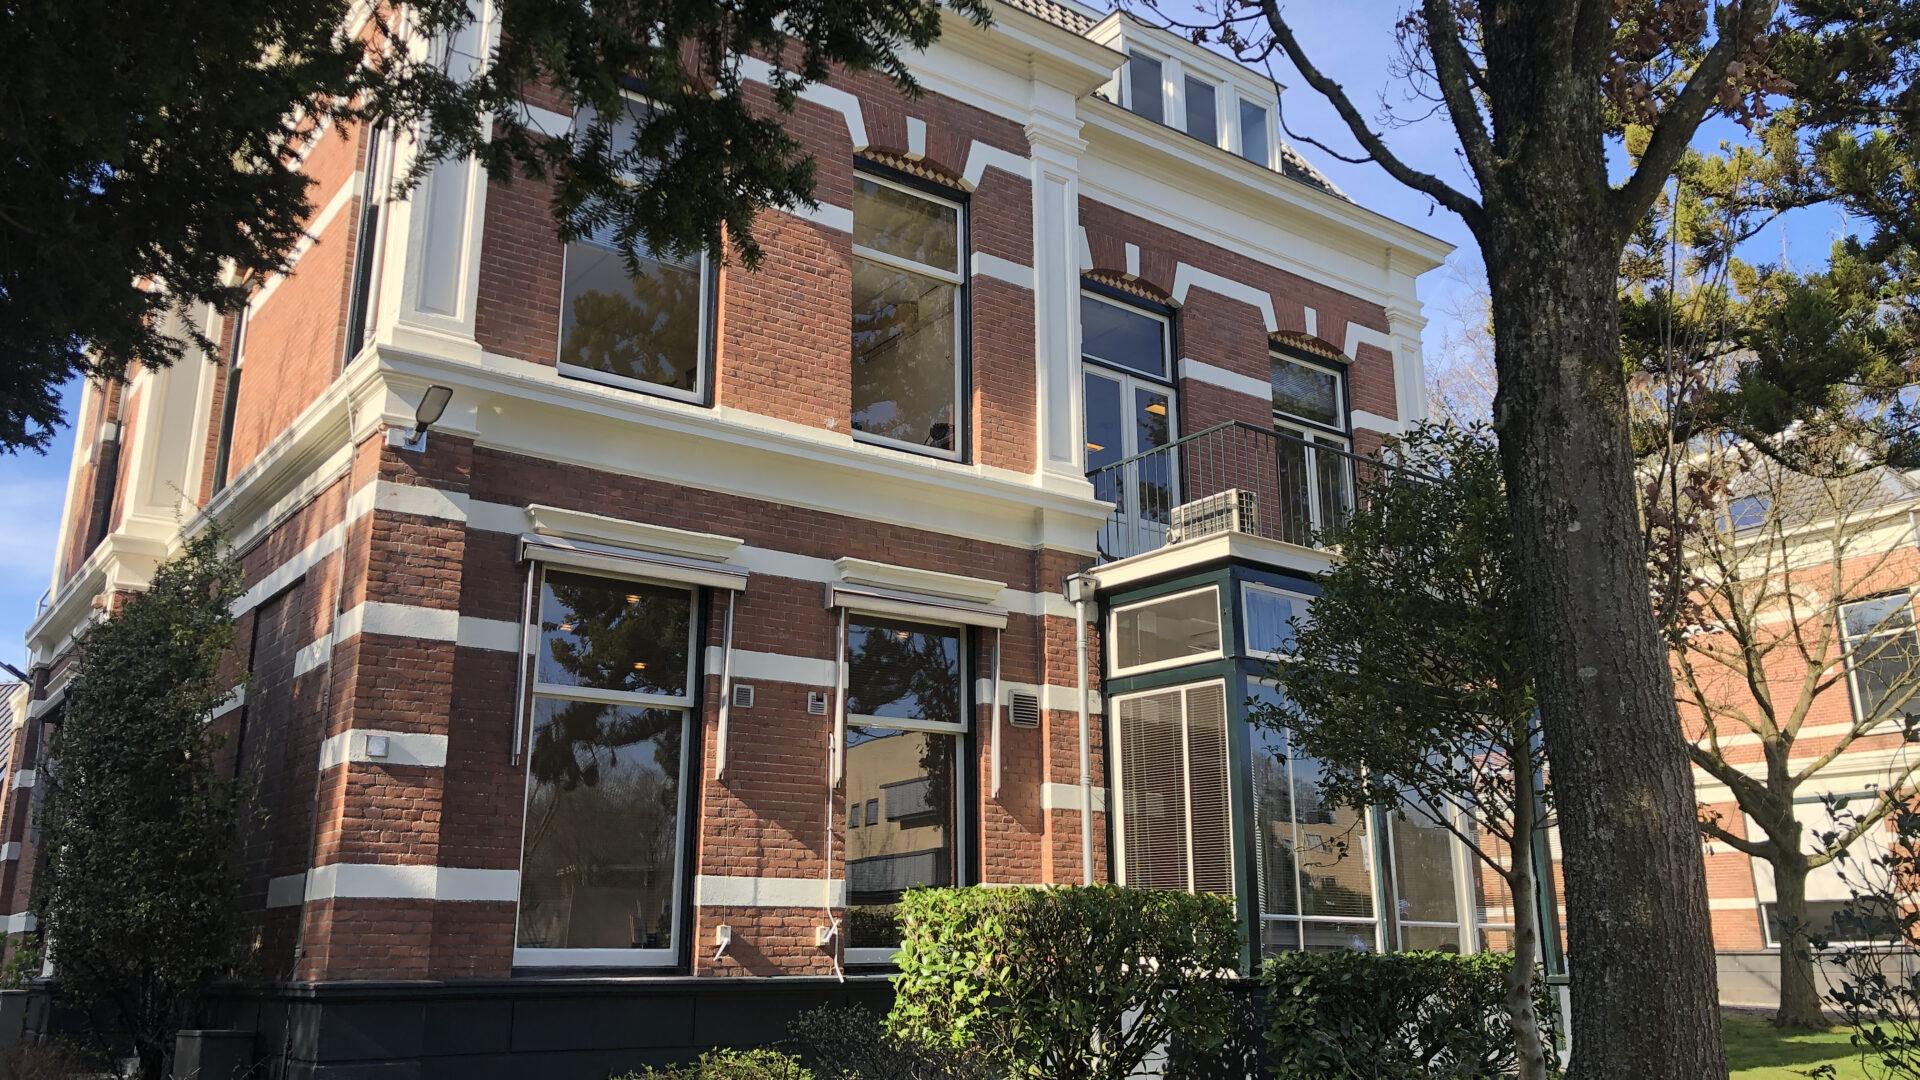 Het hoofdkantoor van StressWise en MindfulnessFabriek in Hilversum, tevens leslocatie van StressWise Academy